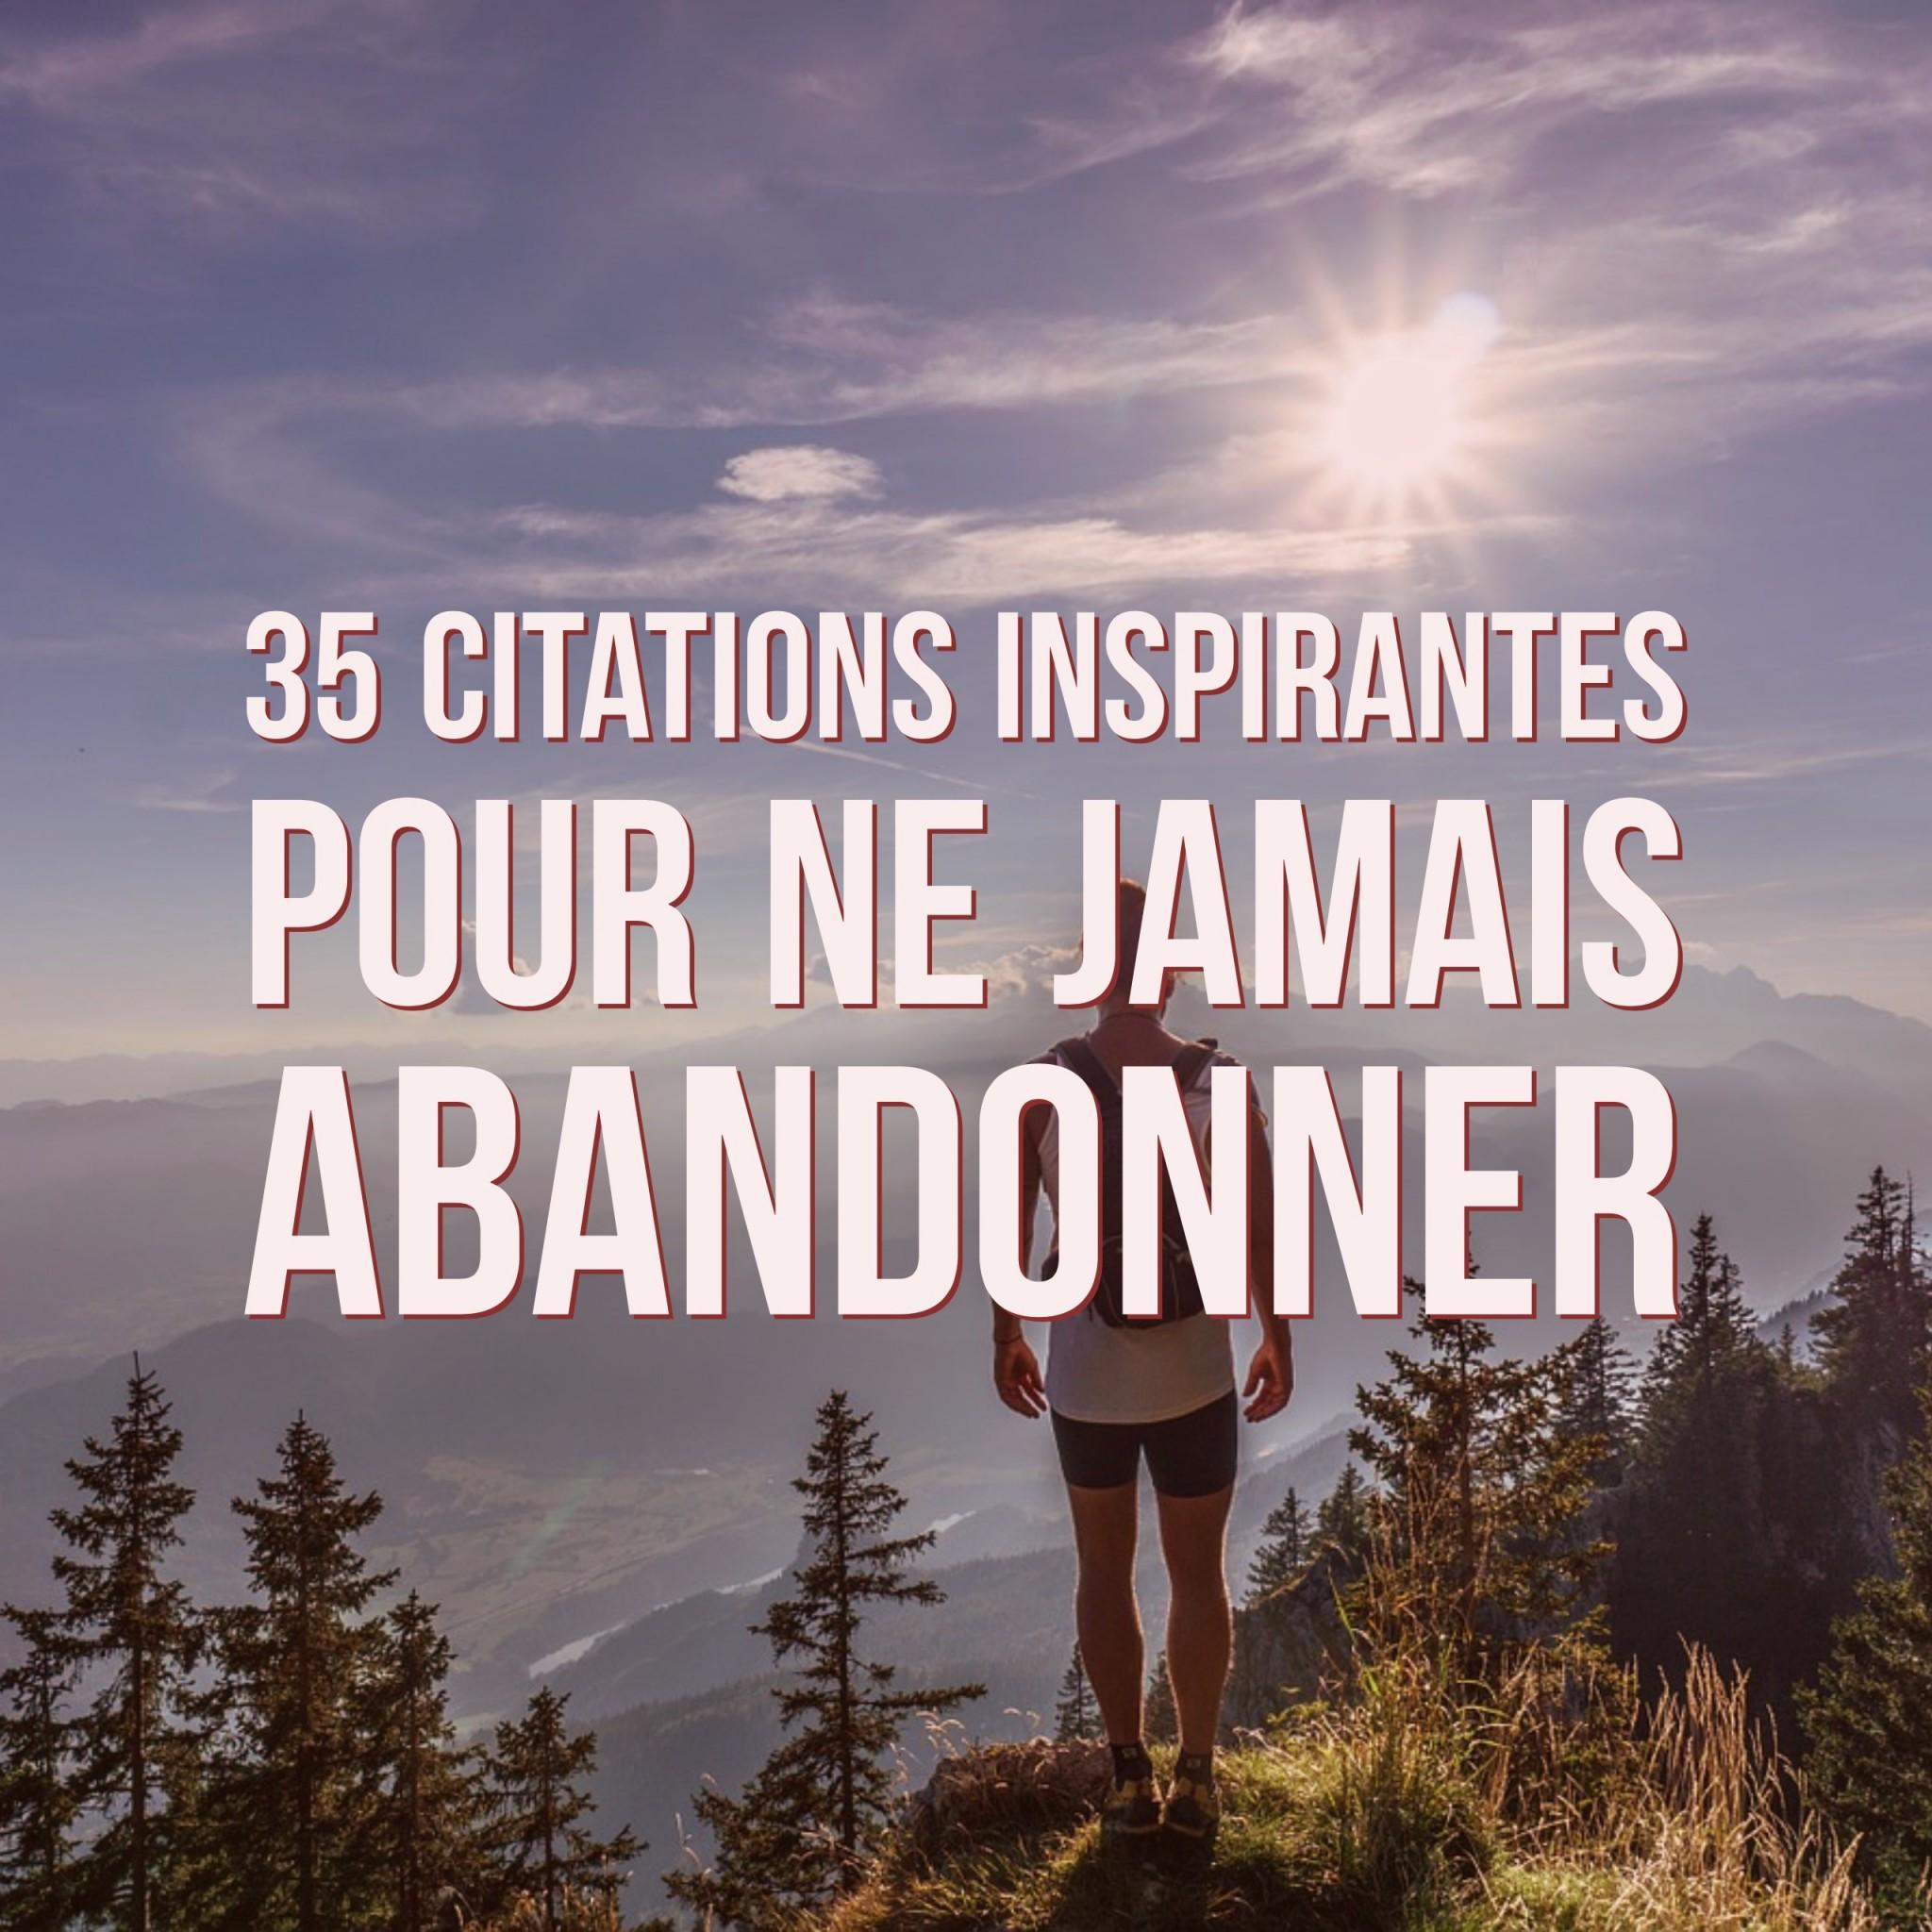 35 citations inspirantes pour ne jamais abandonner